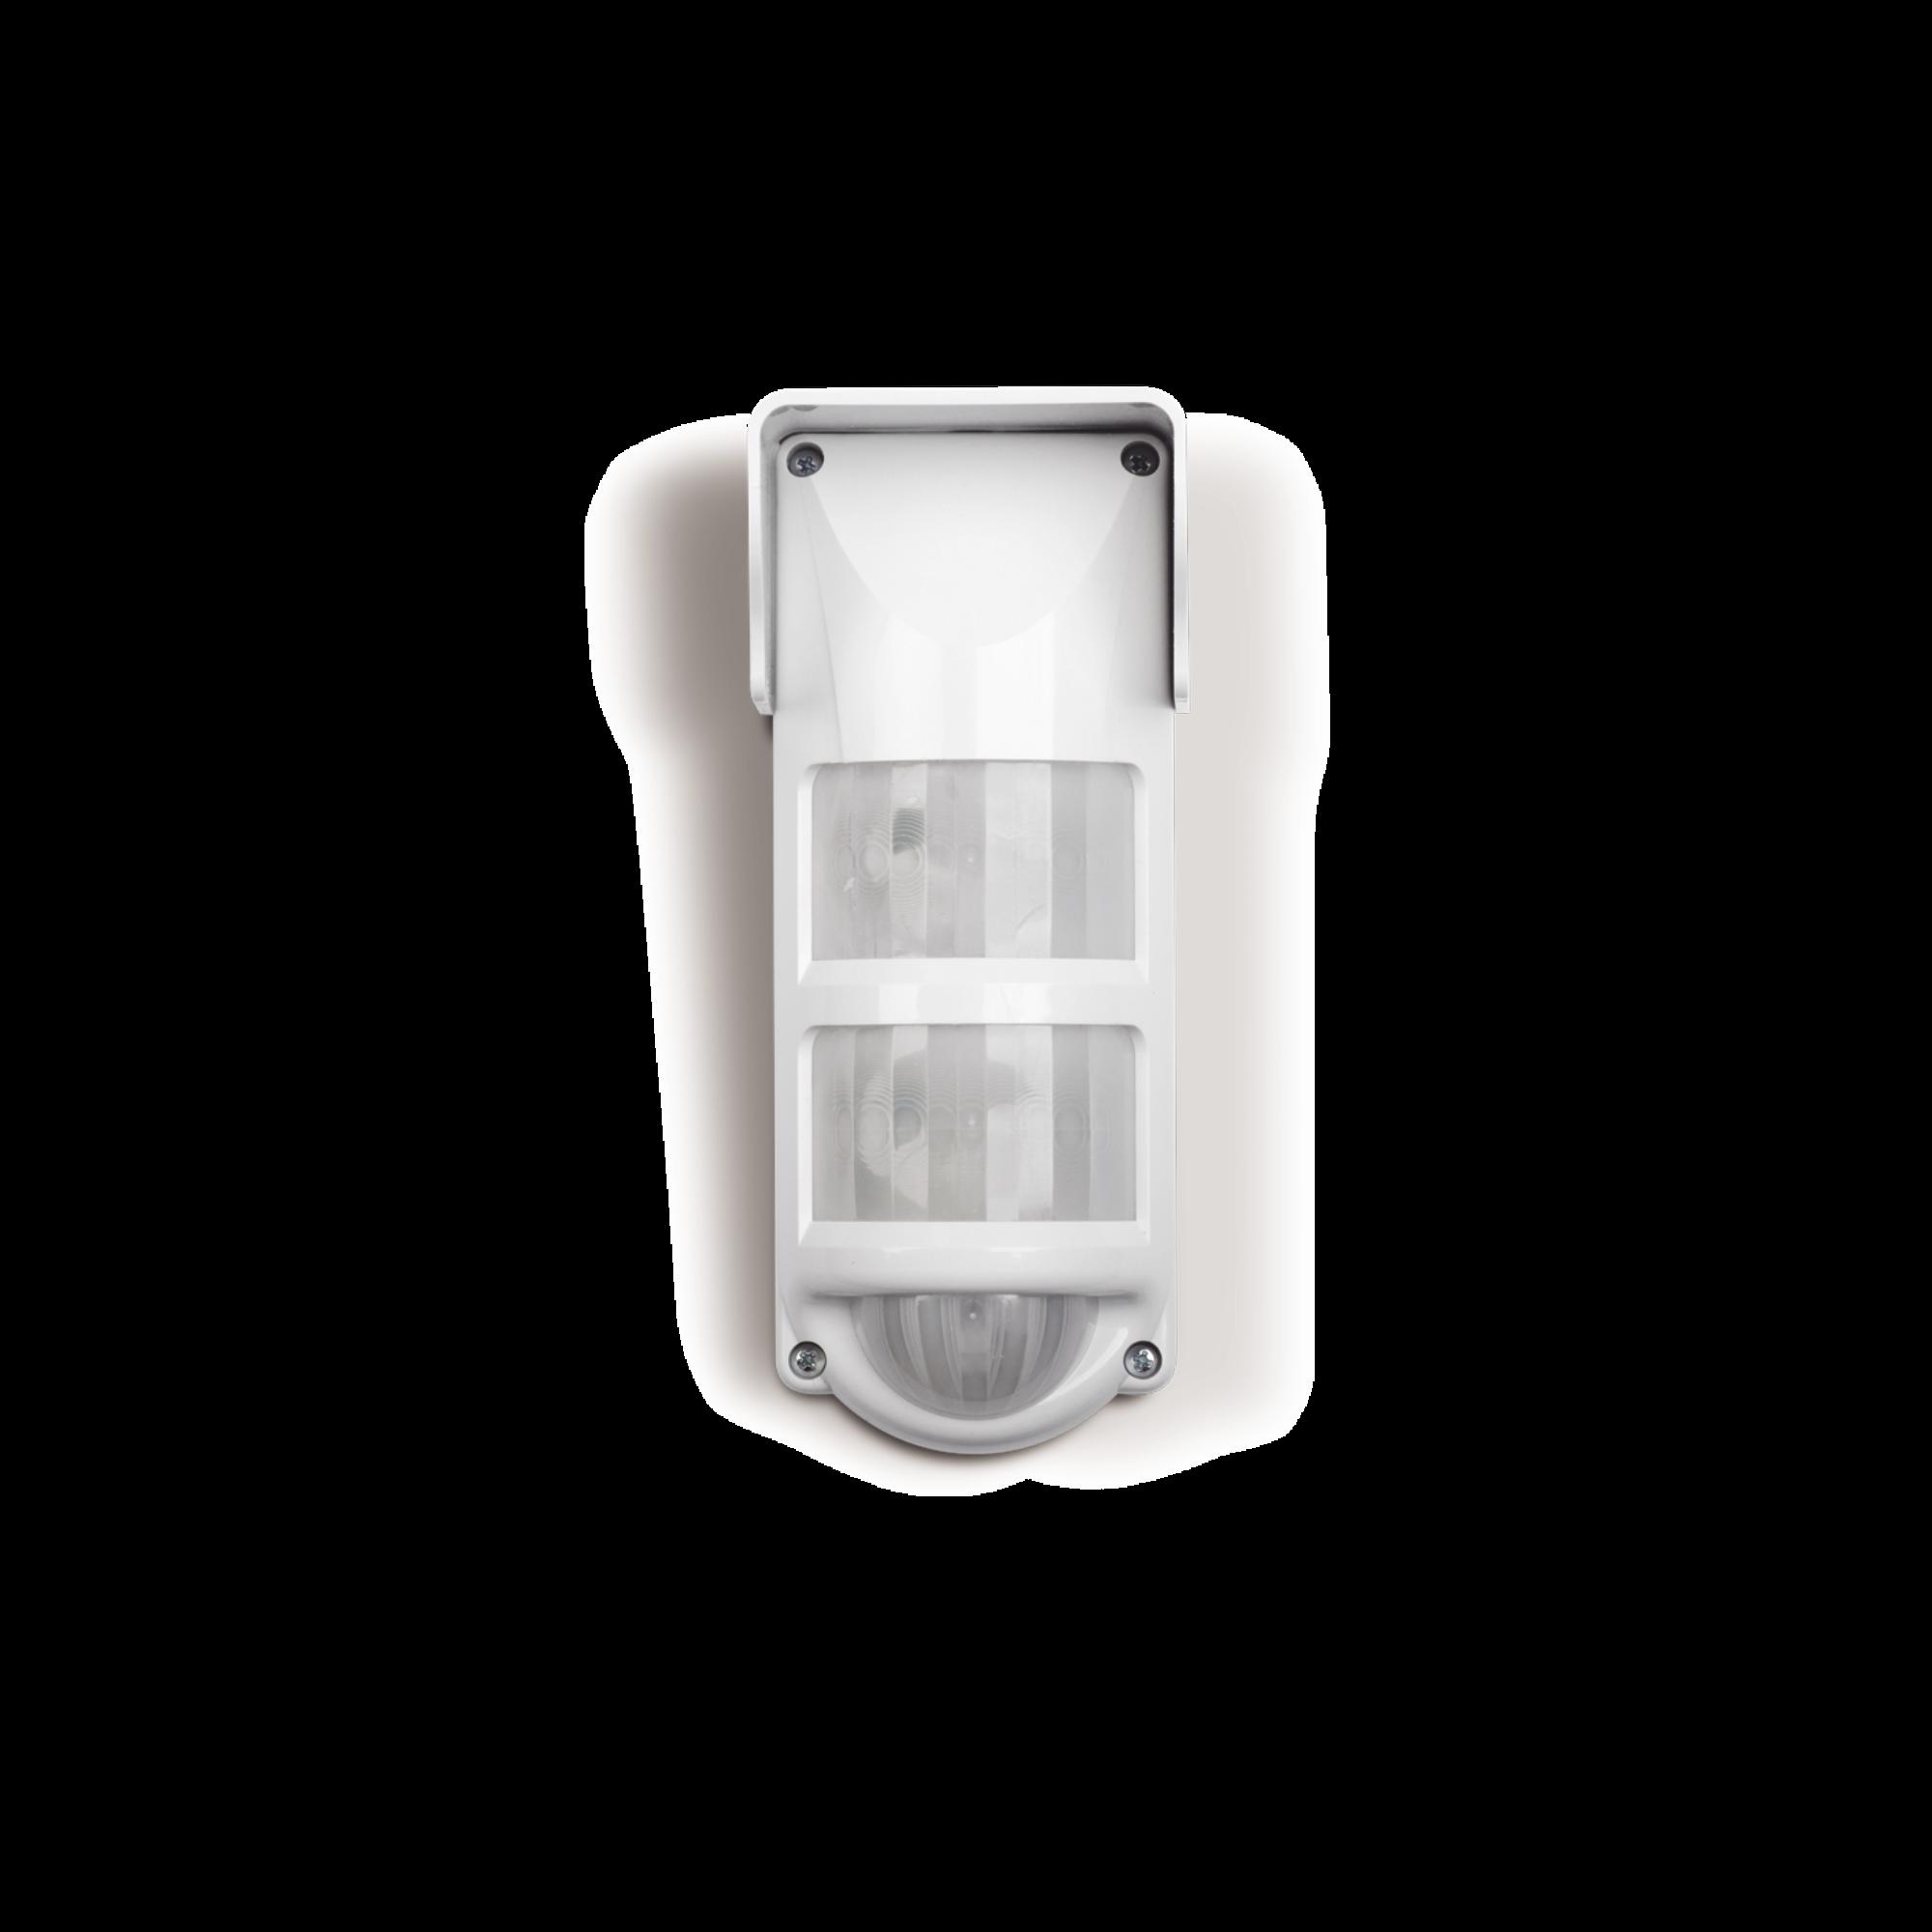 Detector de movimiento inalámbrico para exterior